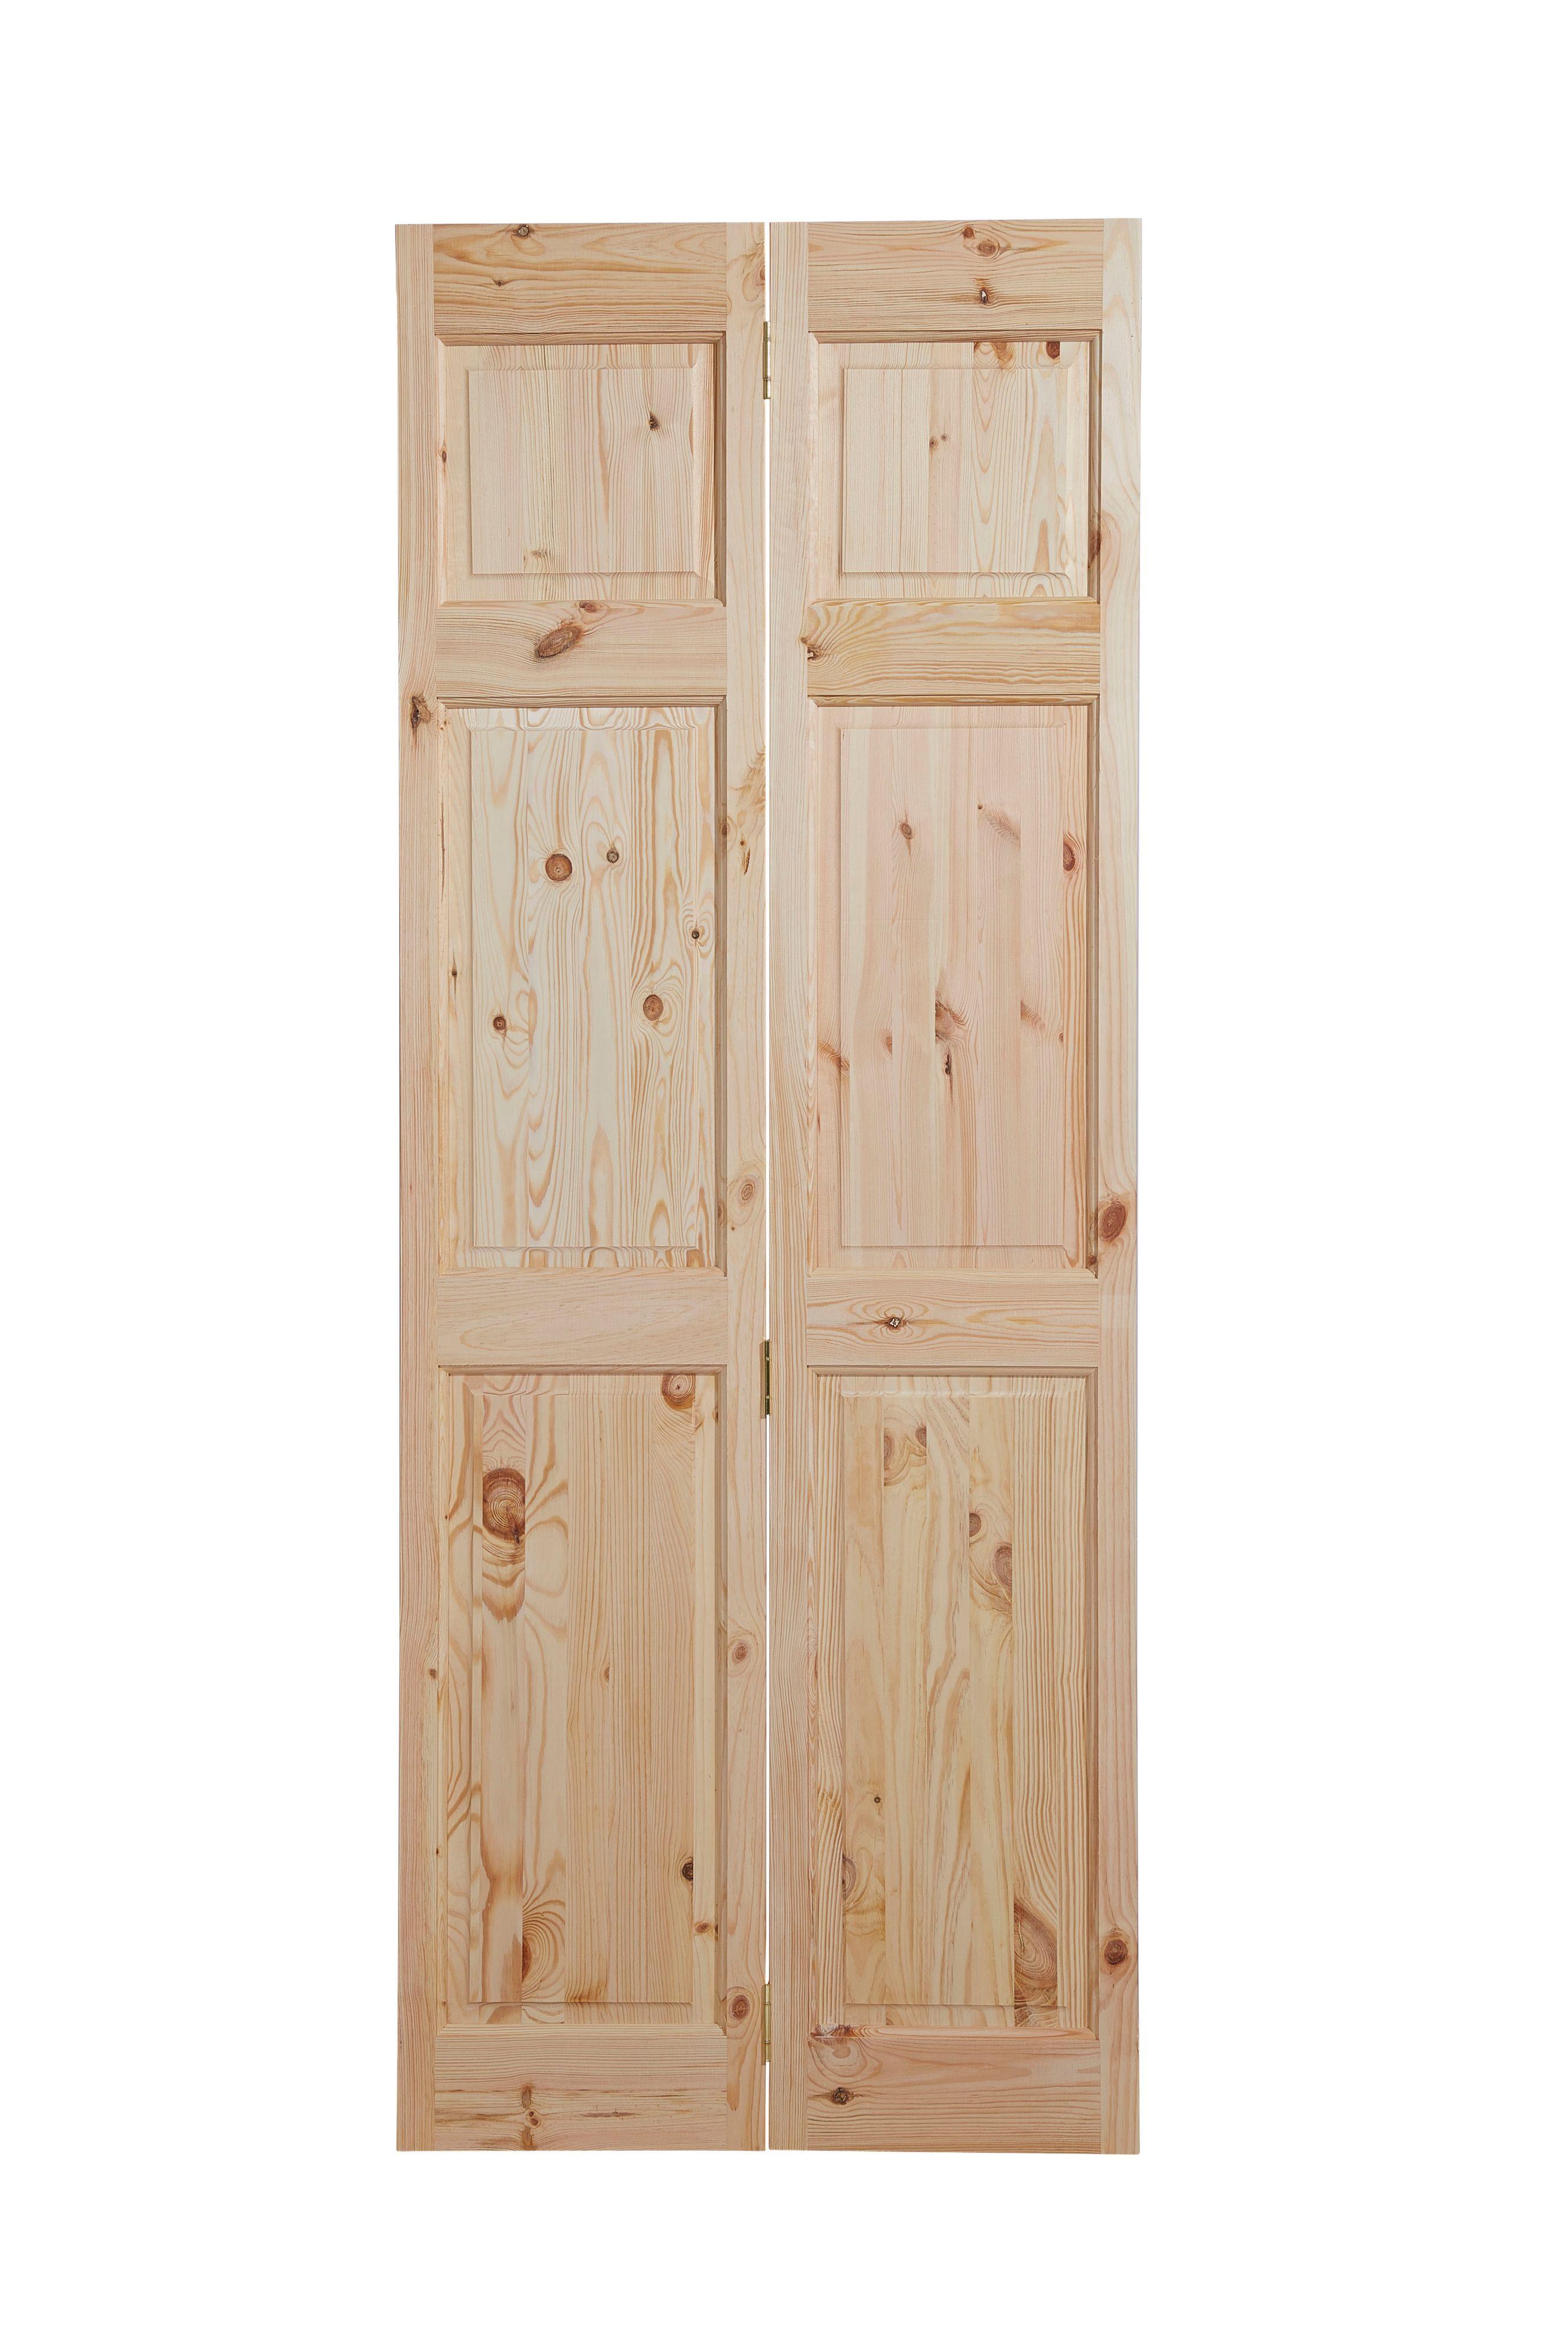 6 Panel Knotty Pine Internal BiFold Door £48 Bifold doors